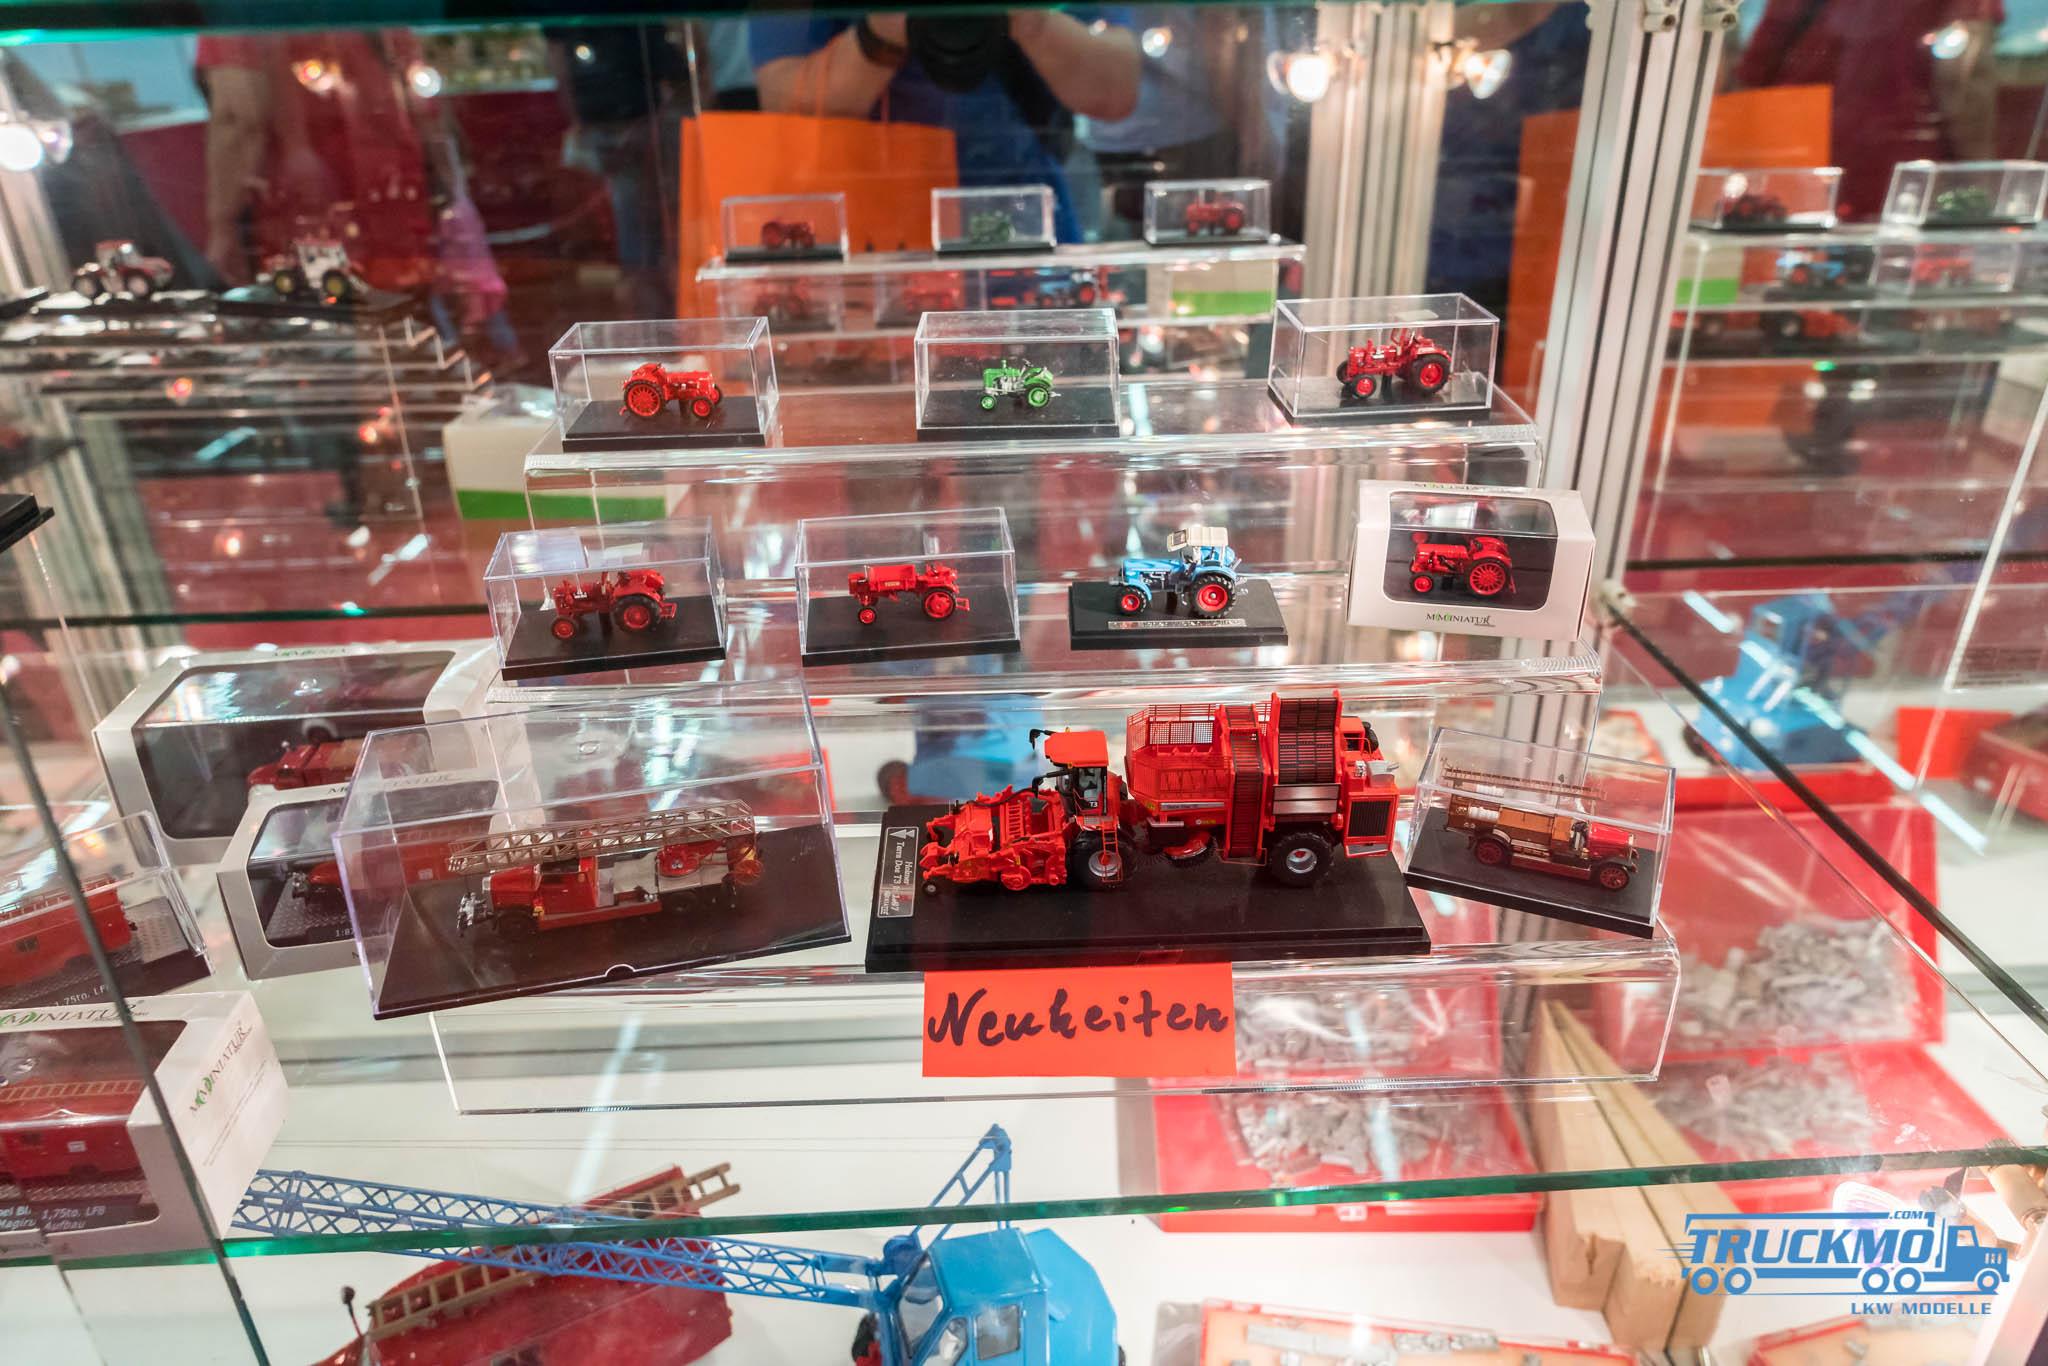 Truckmo_Modellbau_Ried_2017_Herpa_Messe_Modellbauausstellung (57 von 1177)